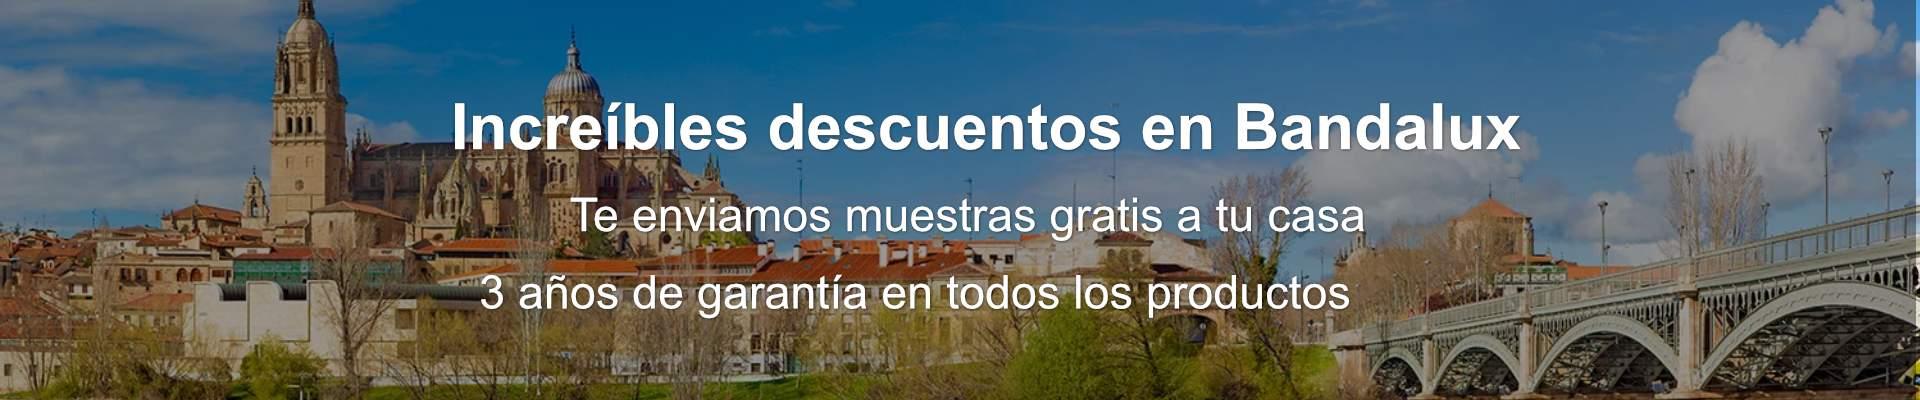 Grandes descuentos en Bandalux para Salamanca